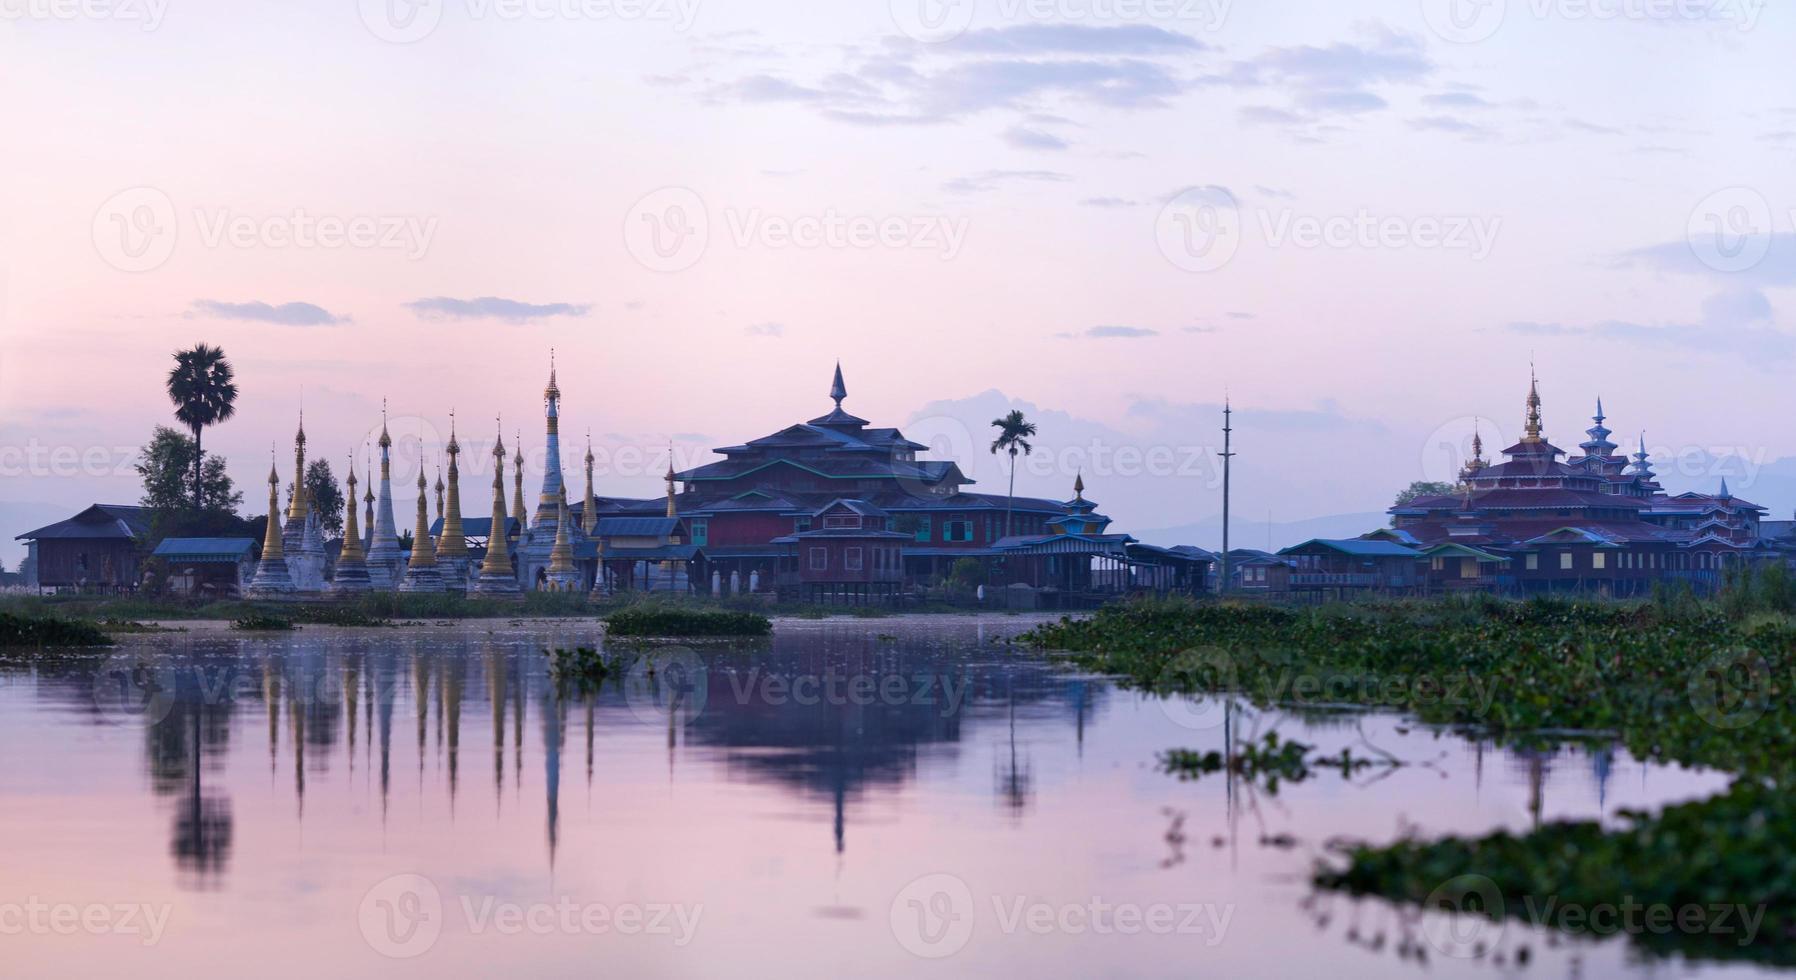 Morning on Inle lake, Shan state, Myanmar photo